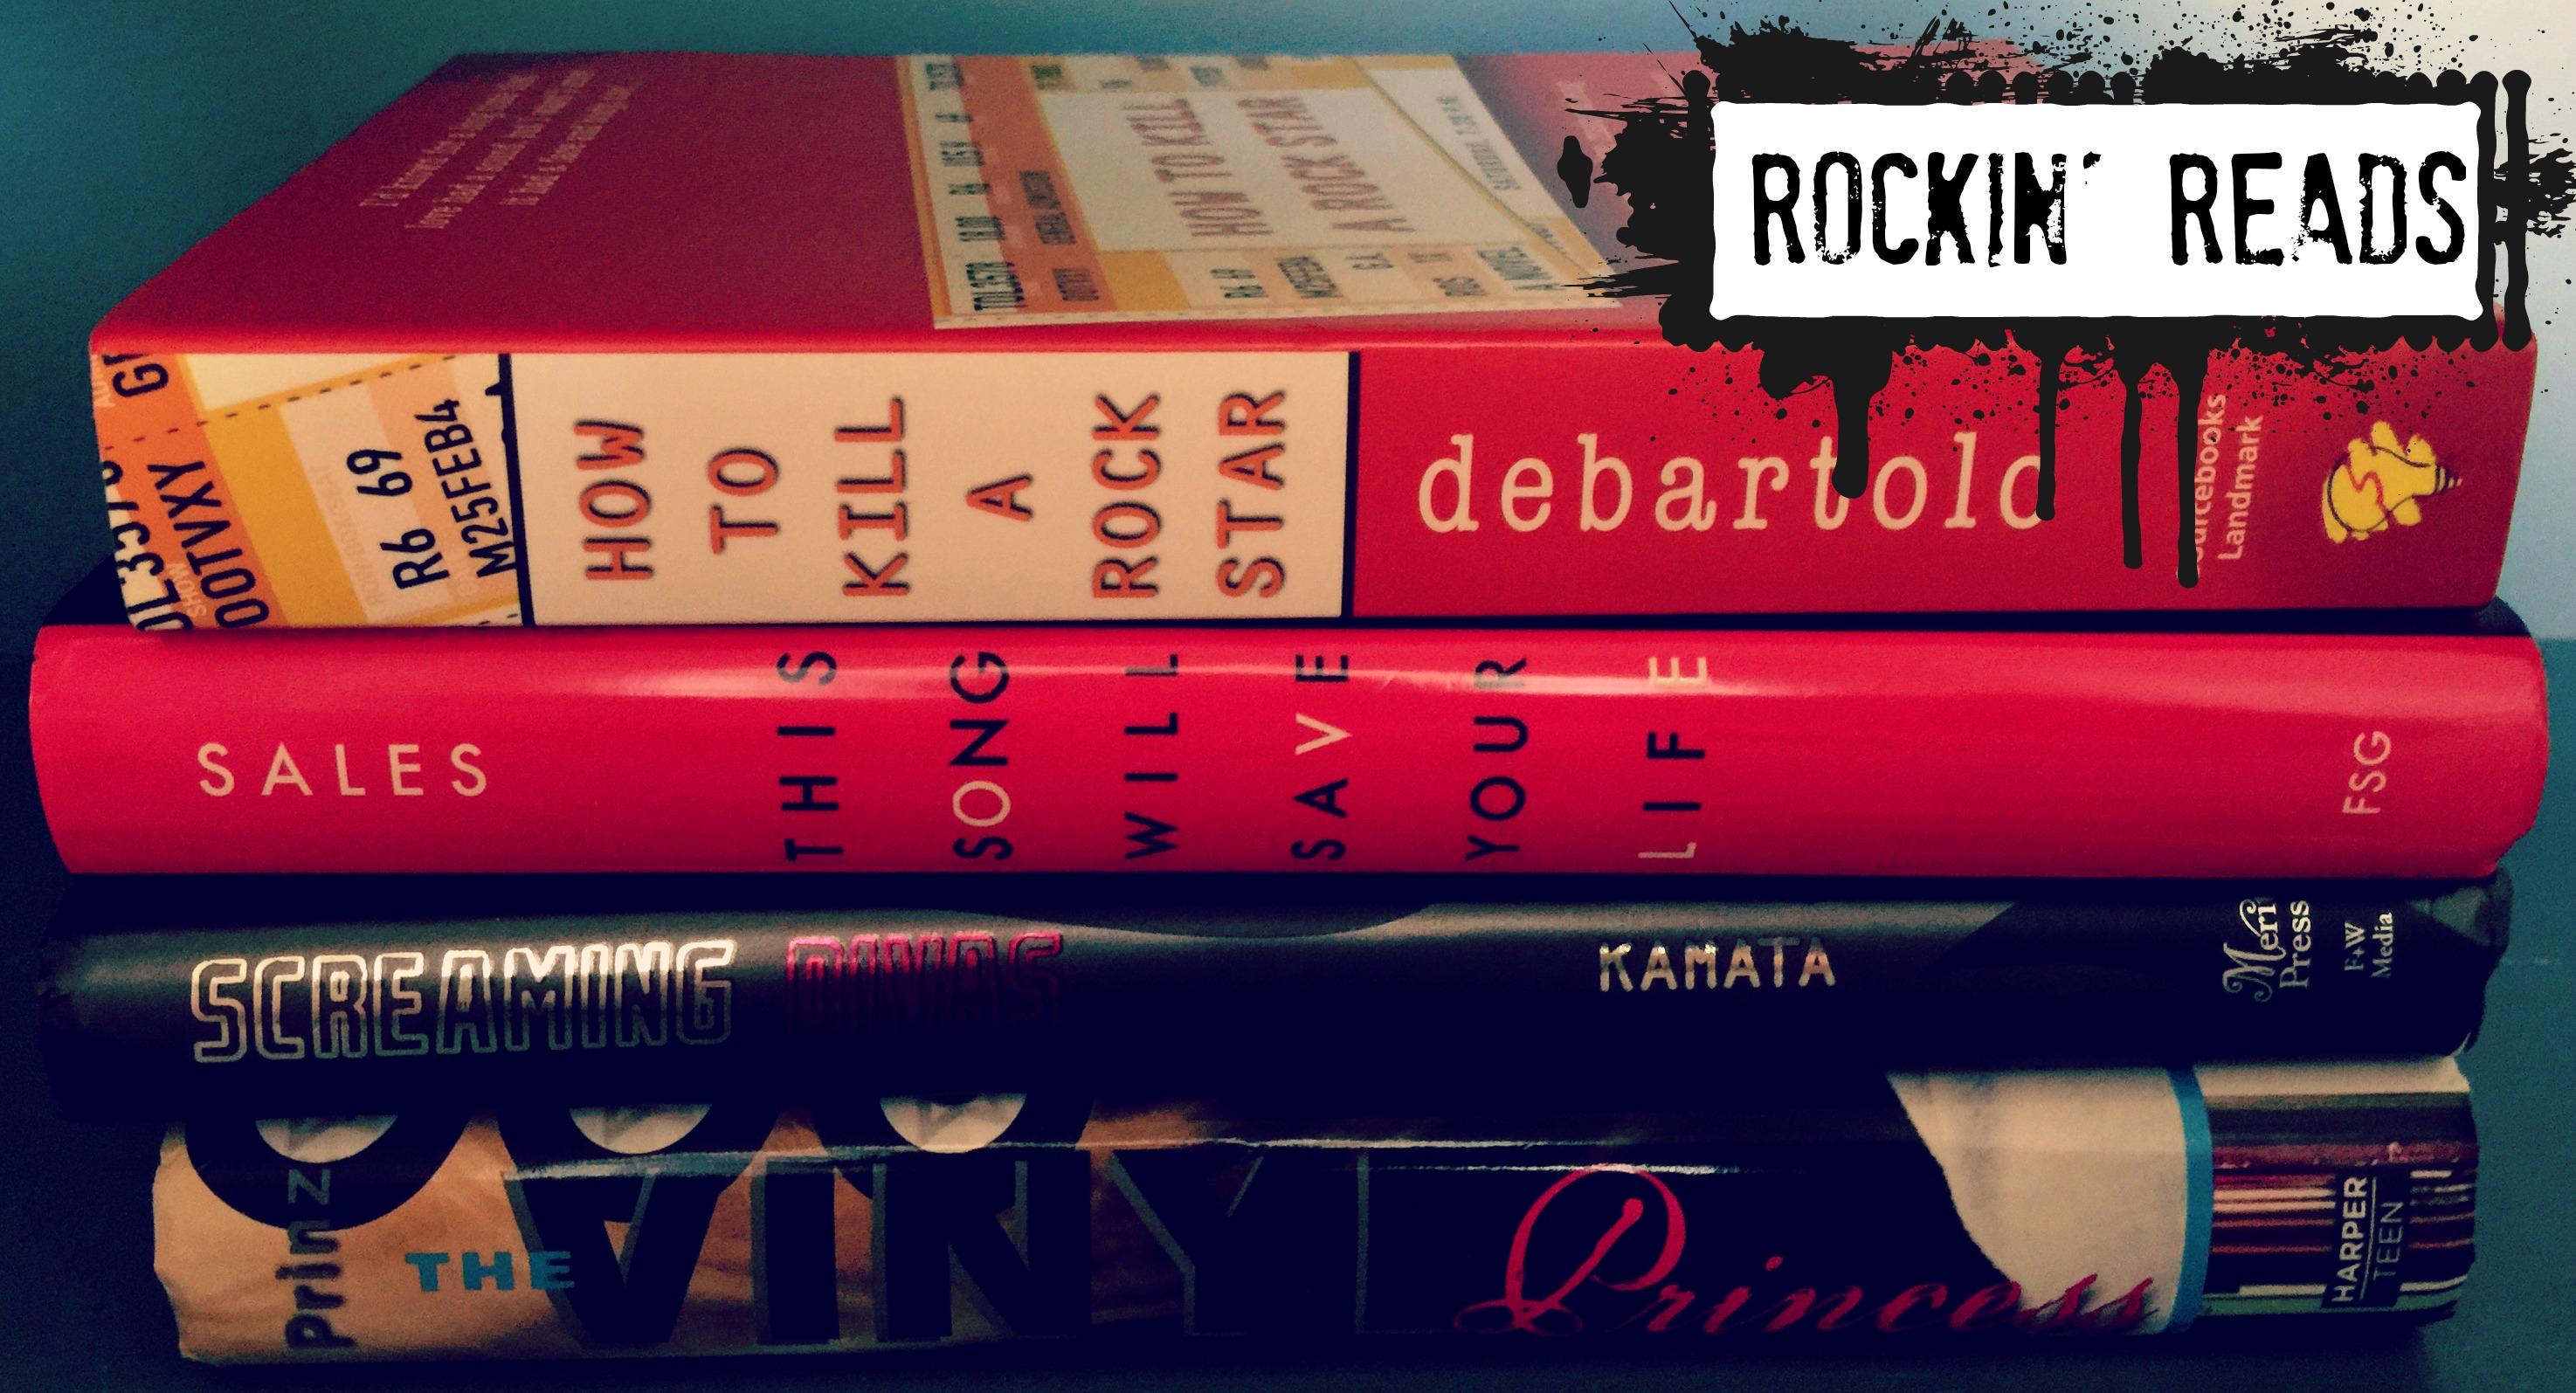 rockin' reads grunge